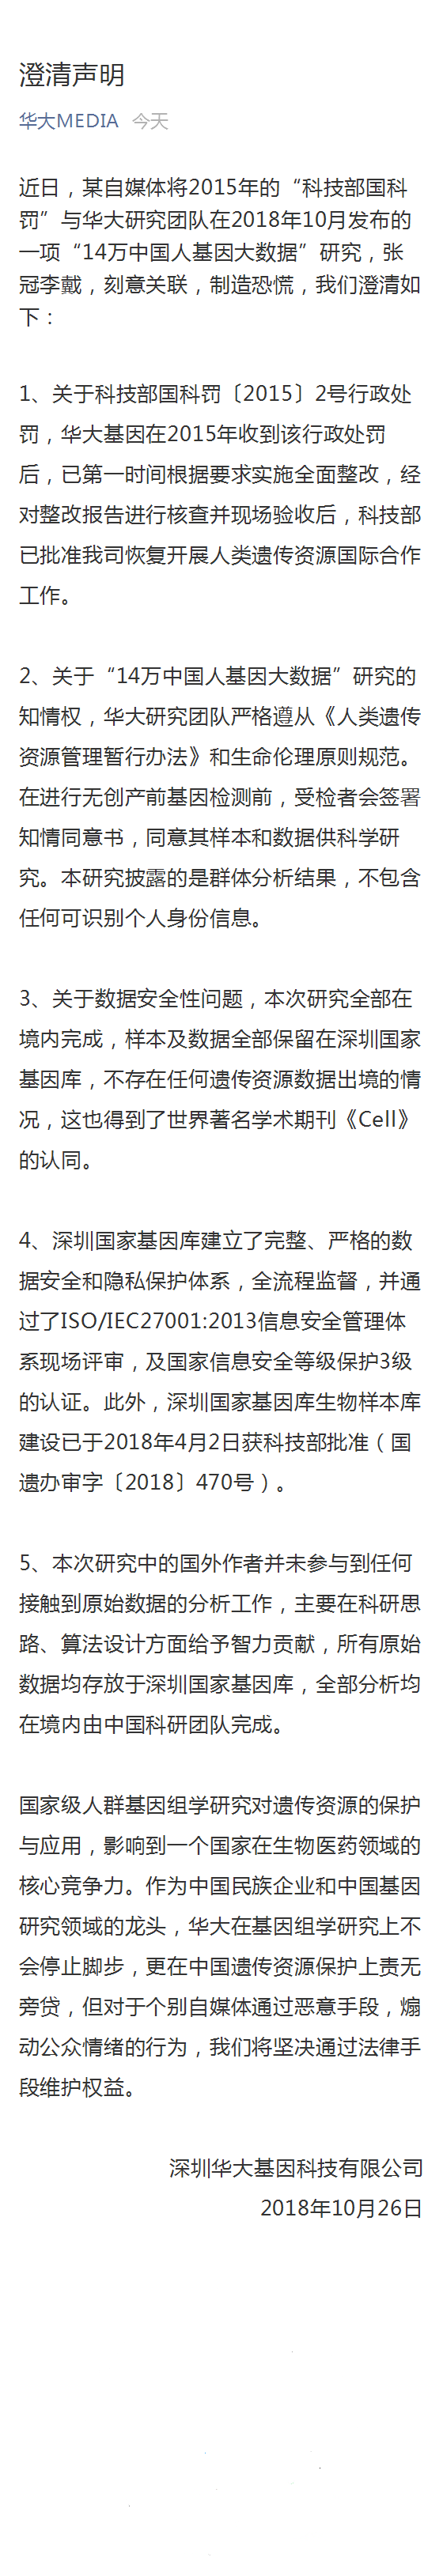 华大基因澄清声明全文公布 华大基因14万中国人基因大数天游登录天游官方网址什么